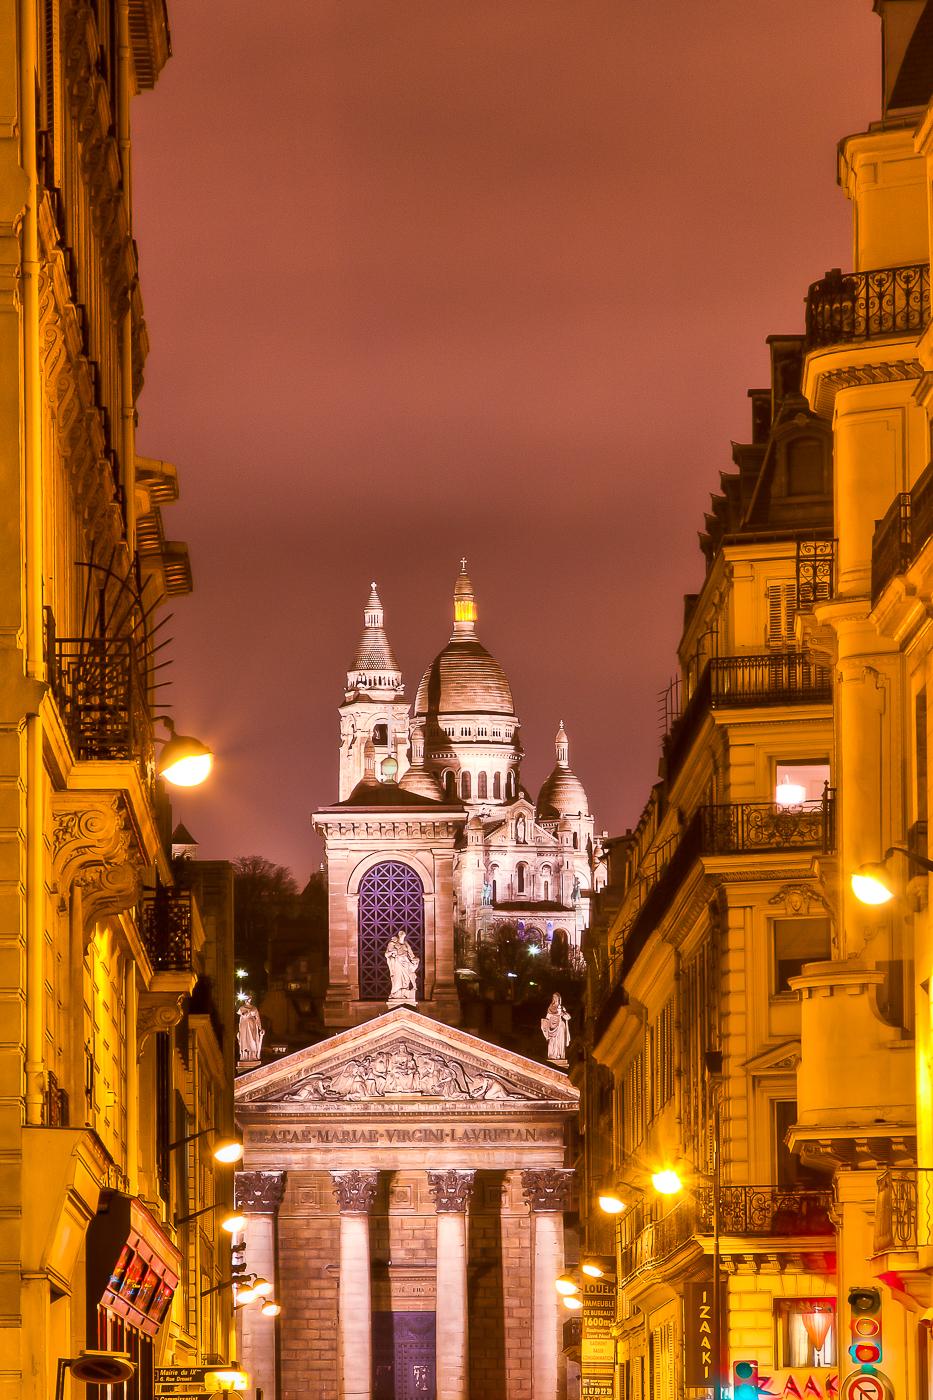 Eric Hagemann, Sacre Coeur Street View, Paris